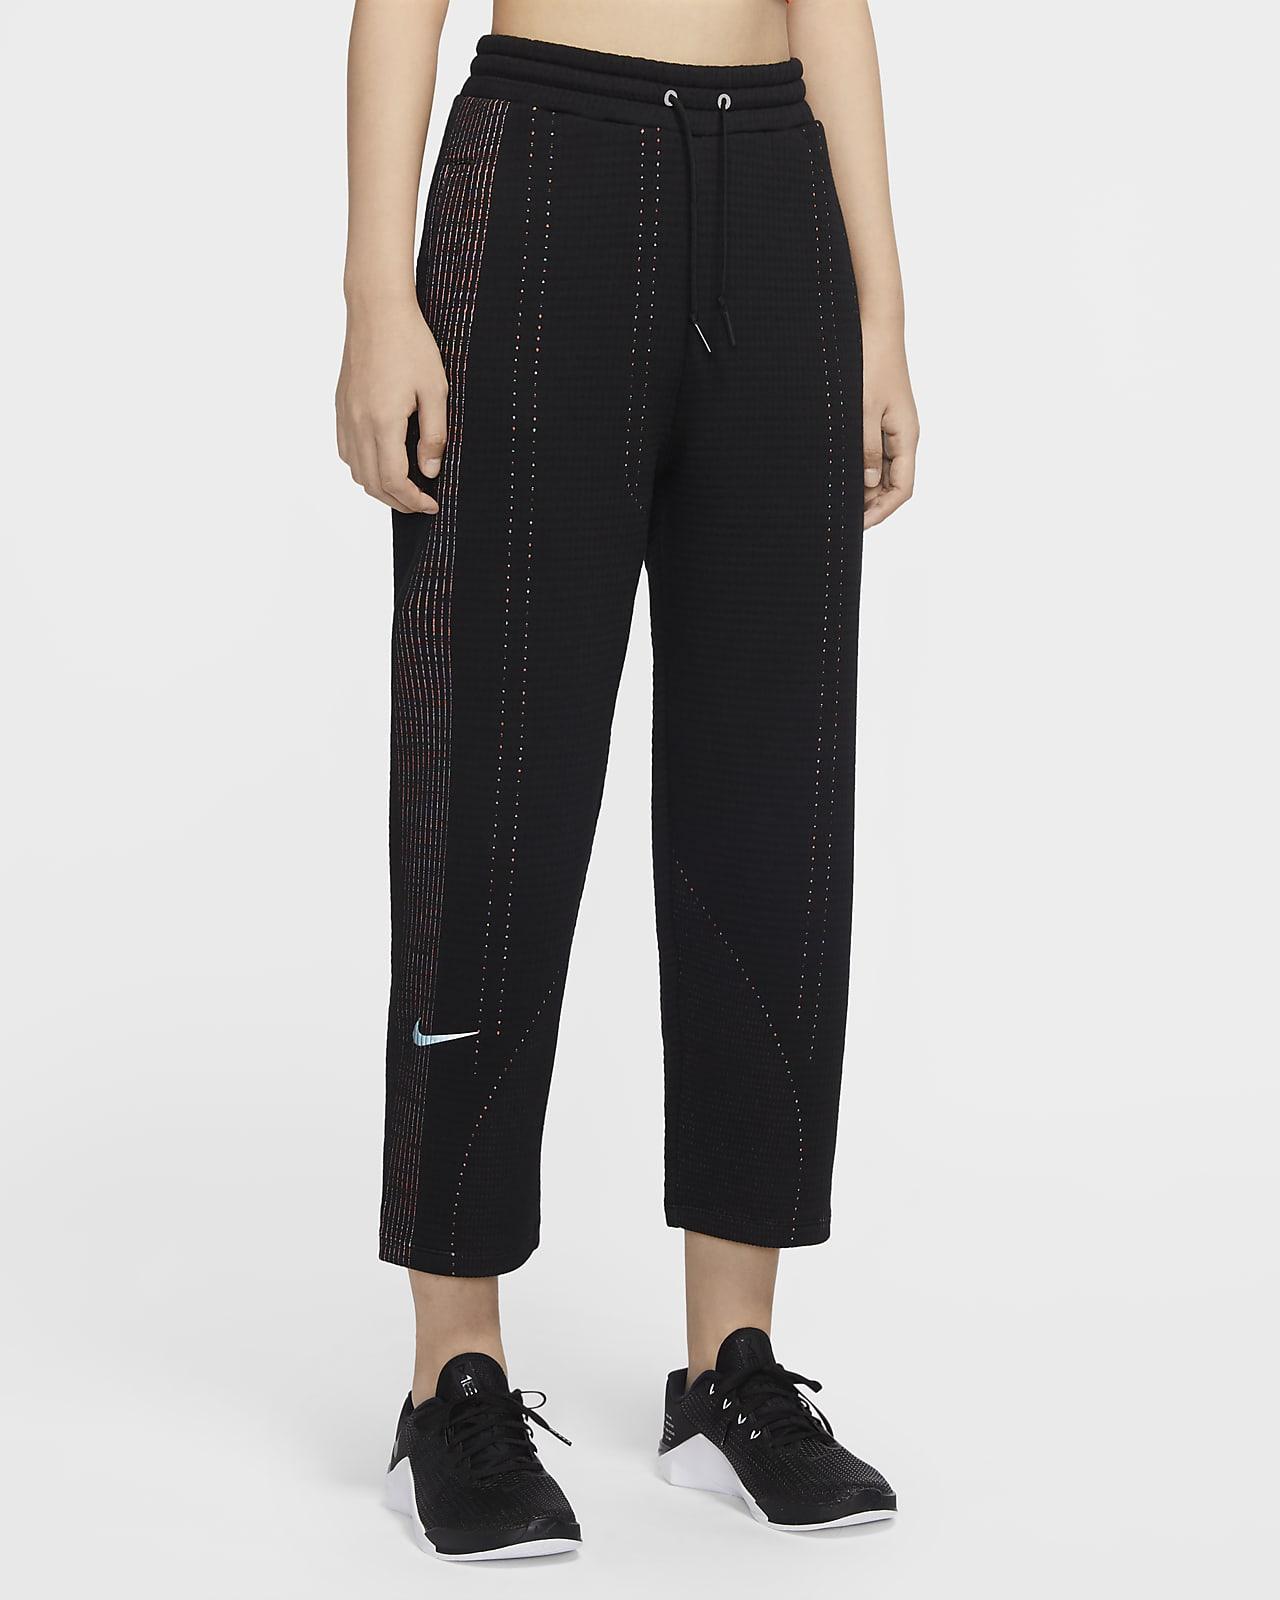 Nike City Ready Women's Fleece Training Trousers